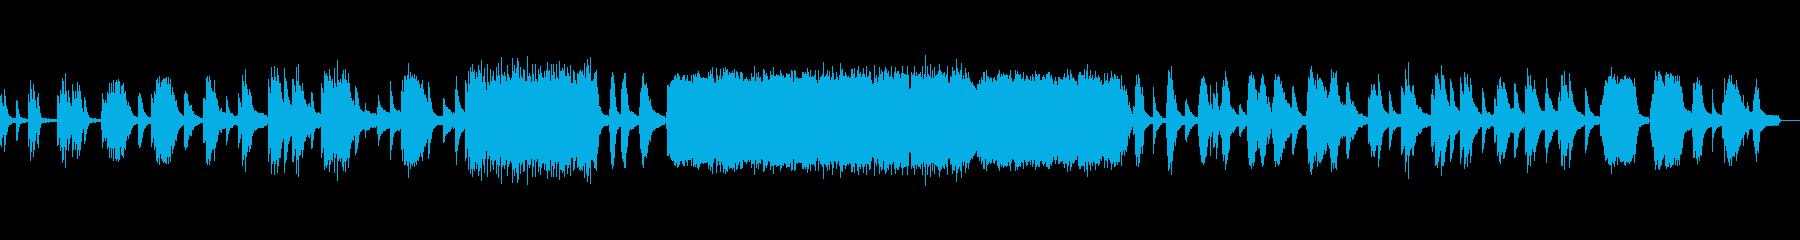 ドビュッシー作曲『月の光』の再生済みの波形